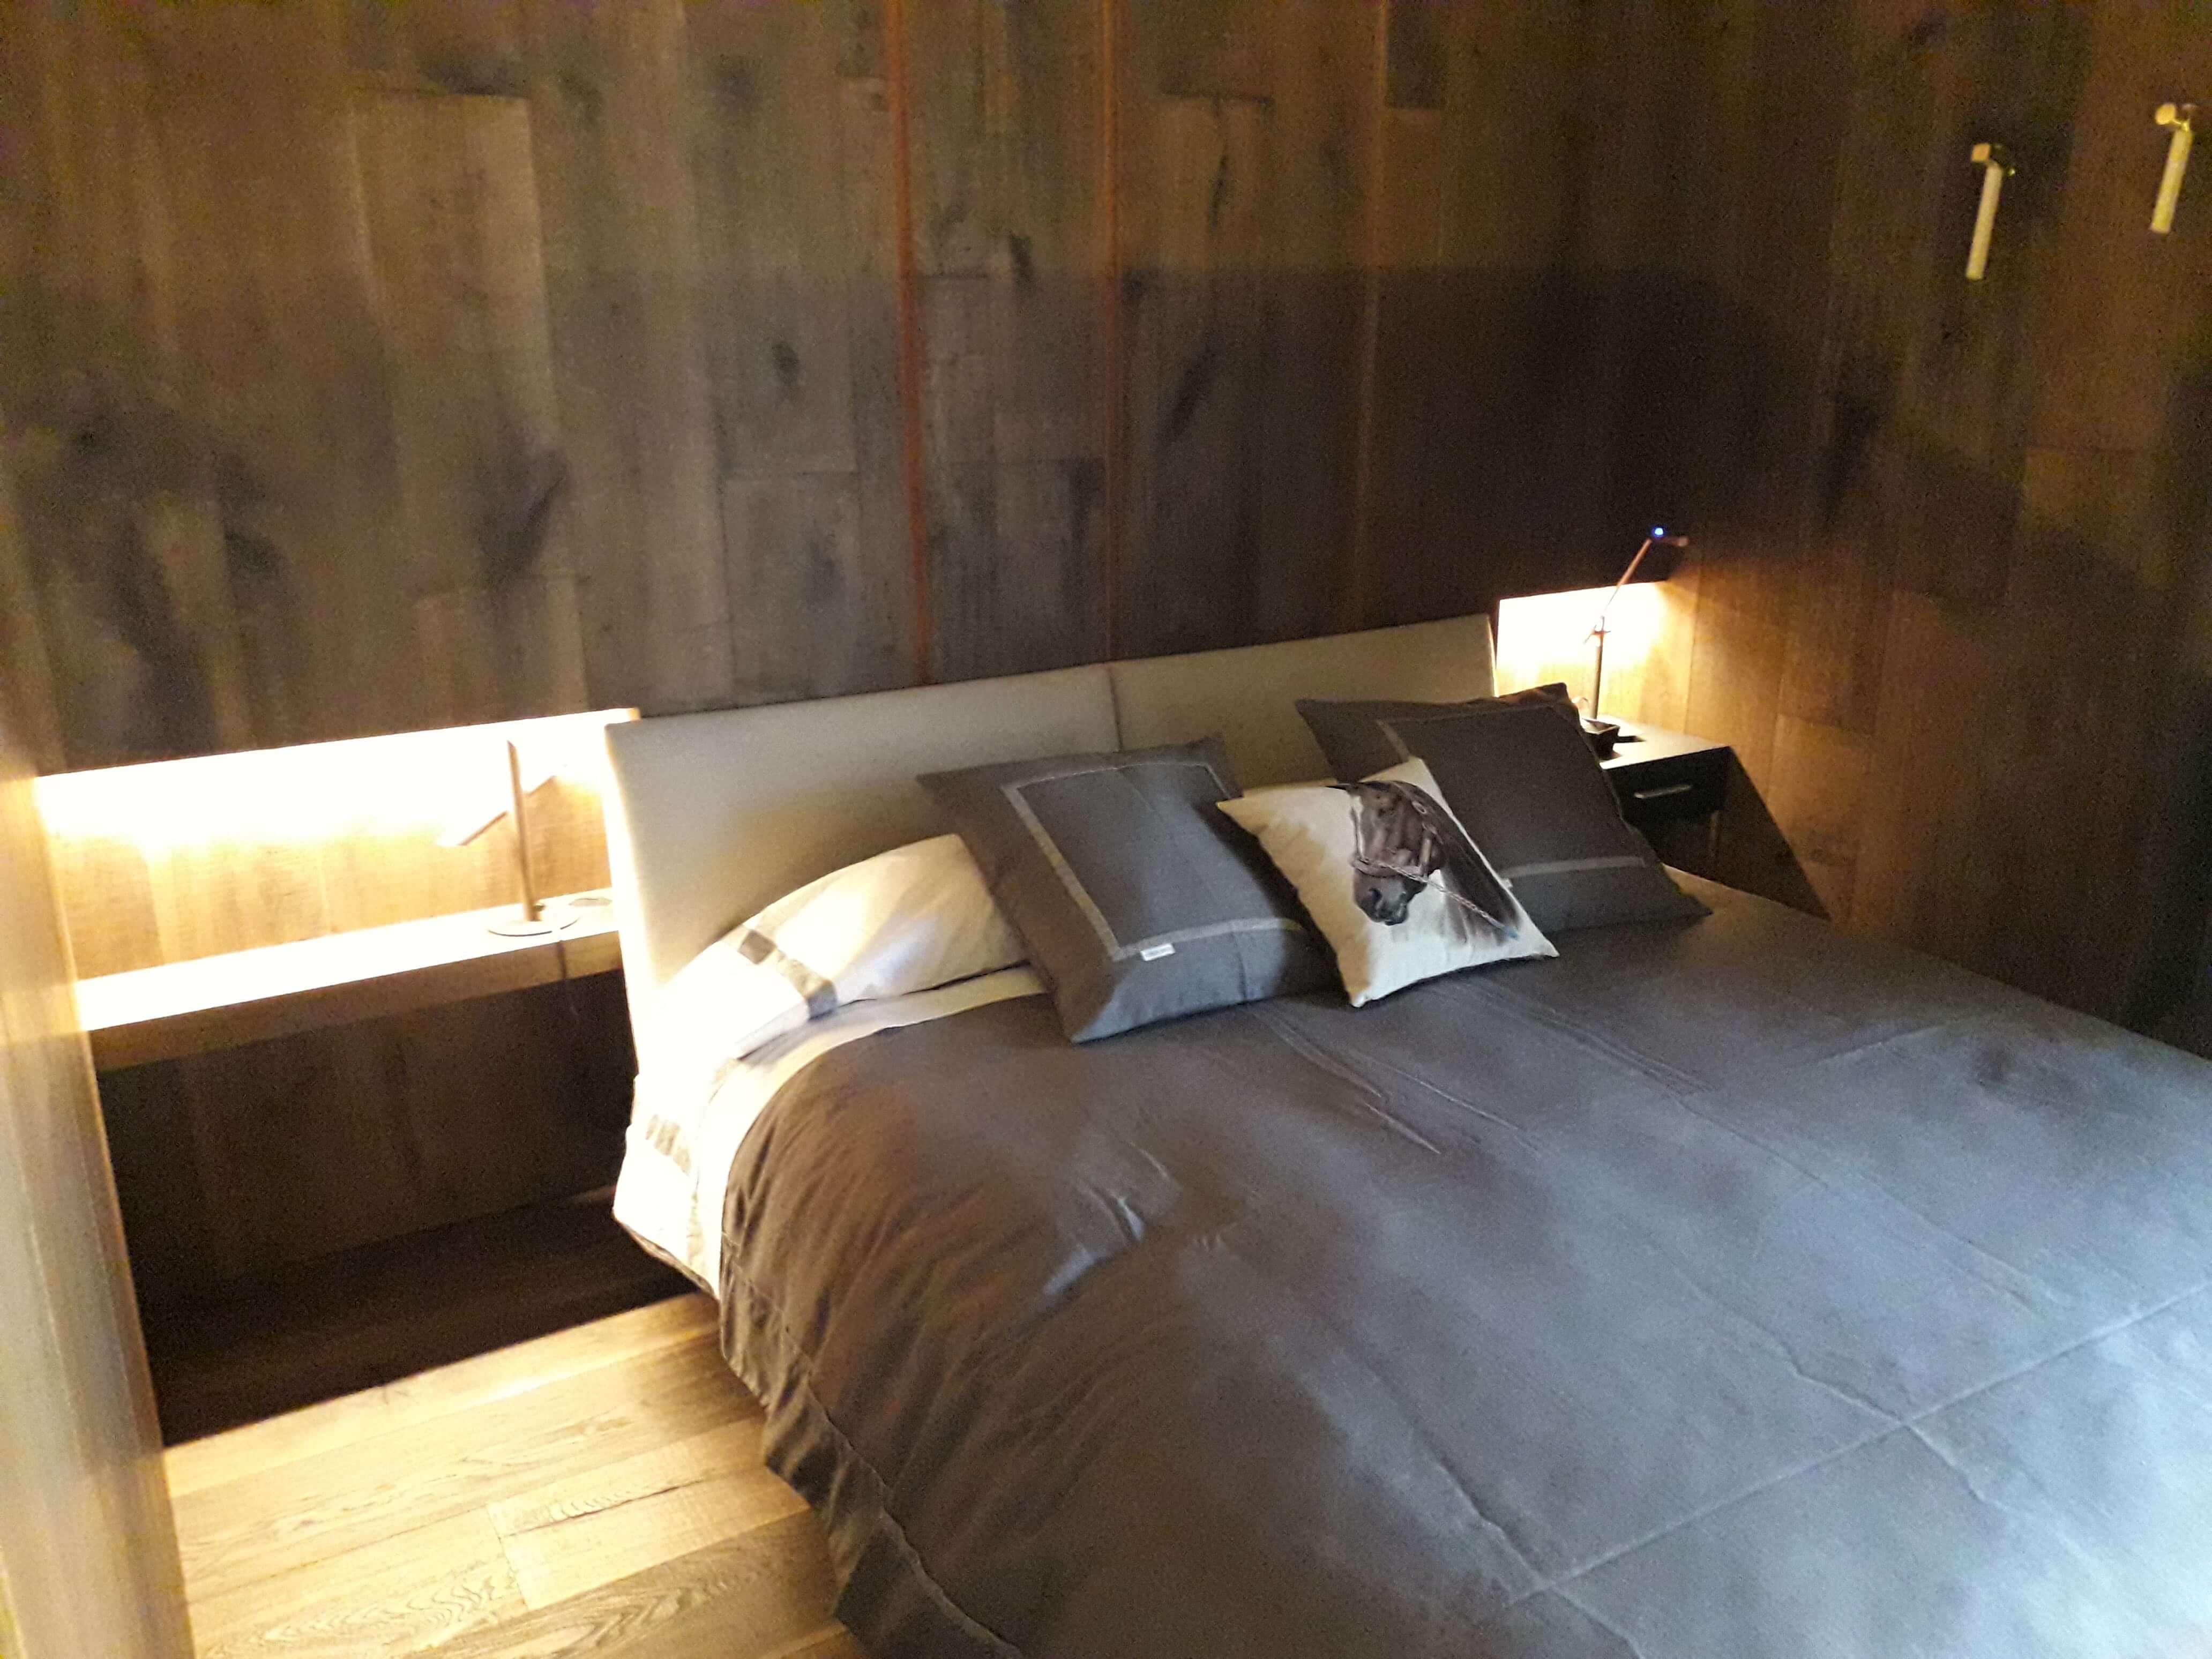 Instalacion iluminacion y domotica casa teruel Inel